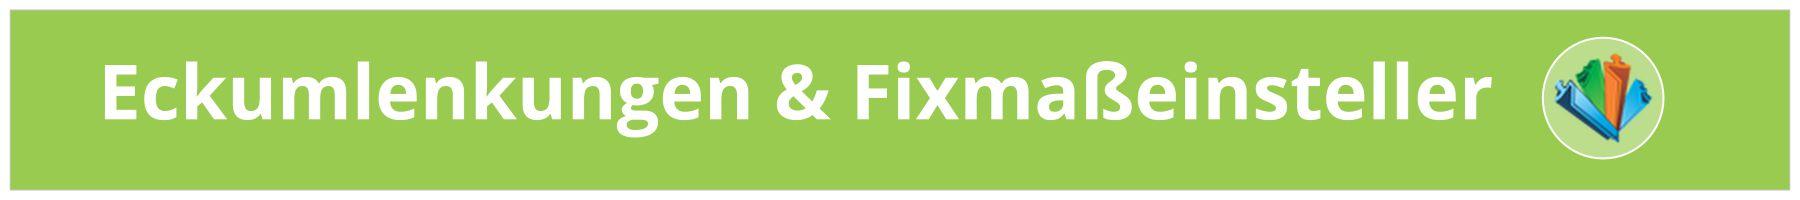 Eckumlenkungen & Fixmaßeinsteller